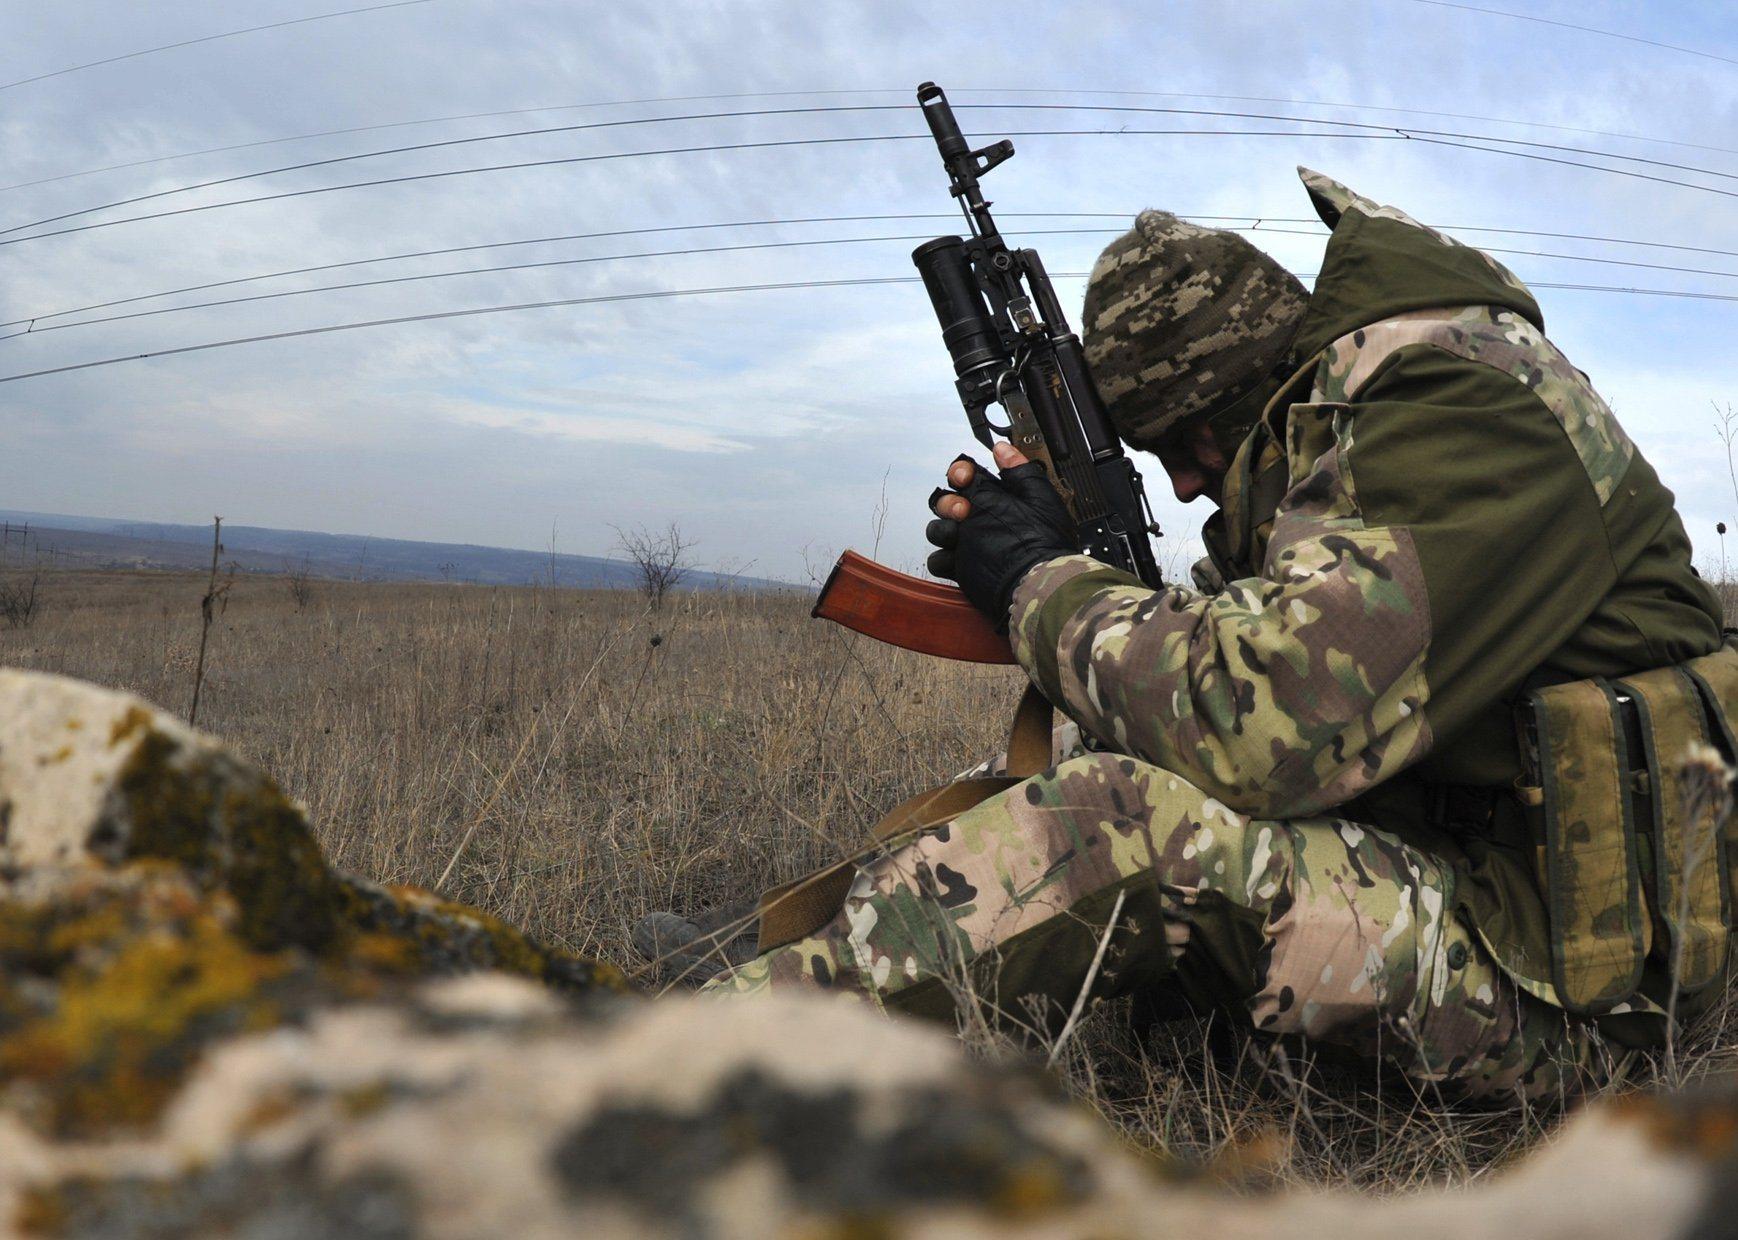 Мнение: 1941-й вернулся в Донбасс в 2014-м. Наступит ли 1945-й?